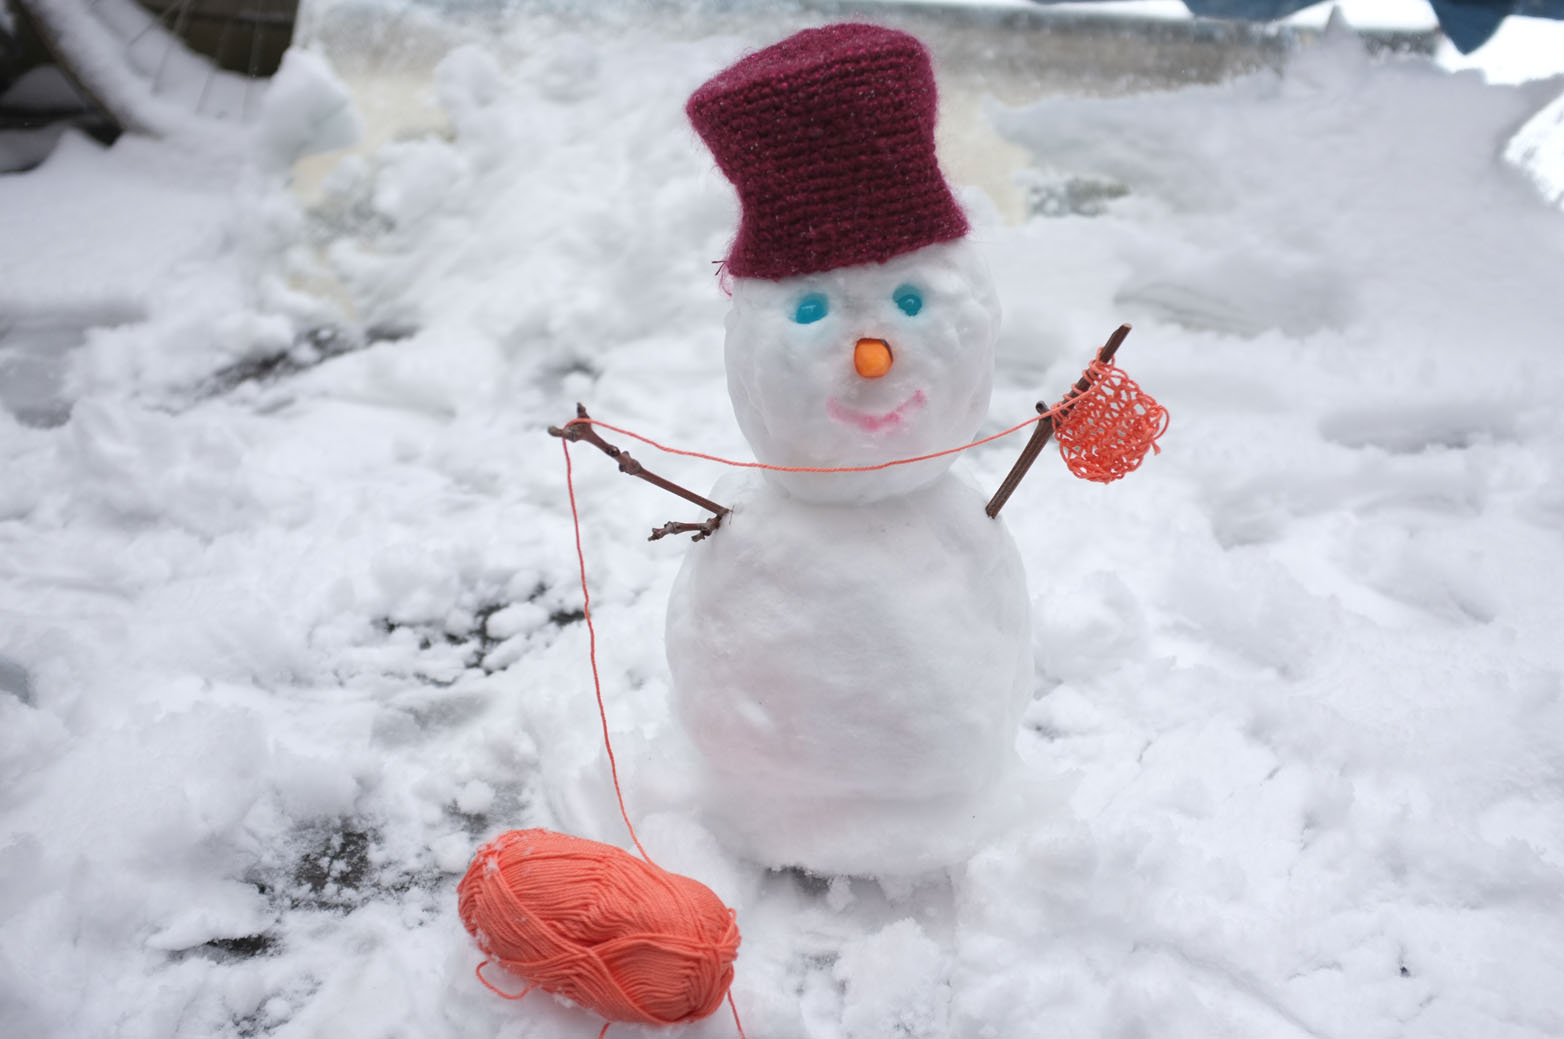 Julie adore dimanche faire un bonhomme de neige - Bonhomme de neige en laine ...